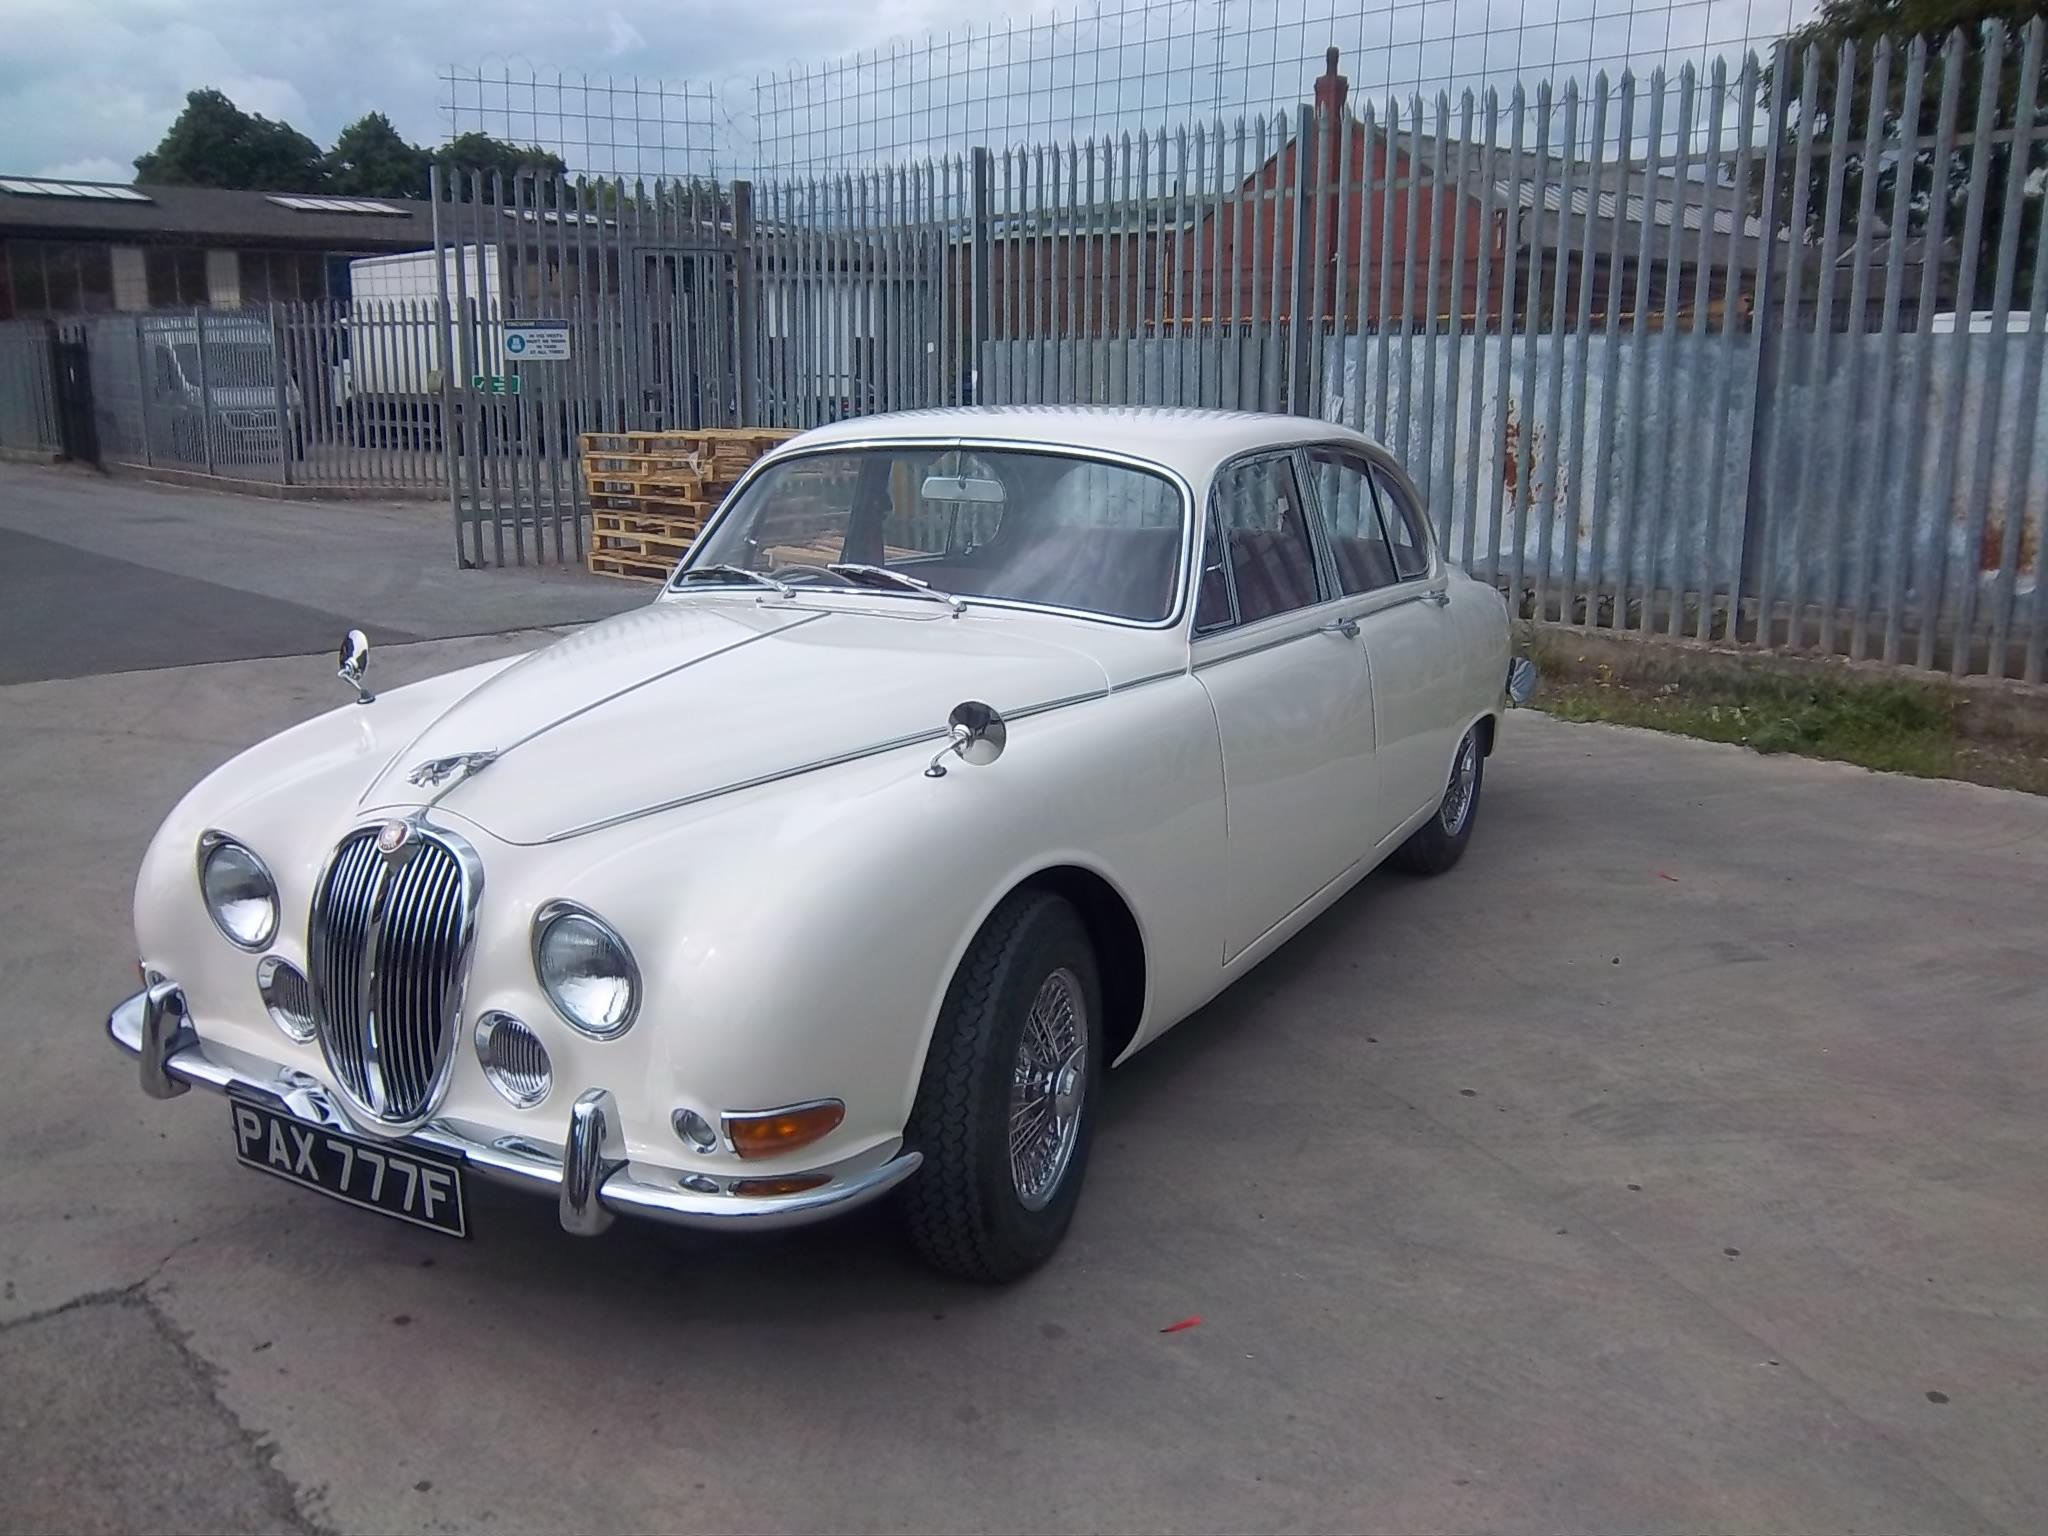 1968 Jaguar S Type - Classic Car Auctions